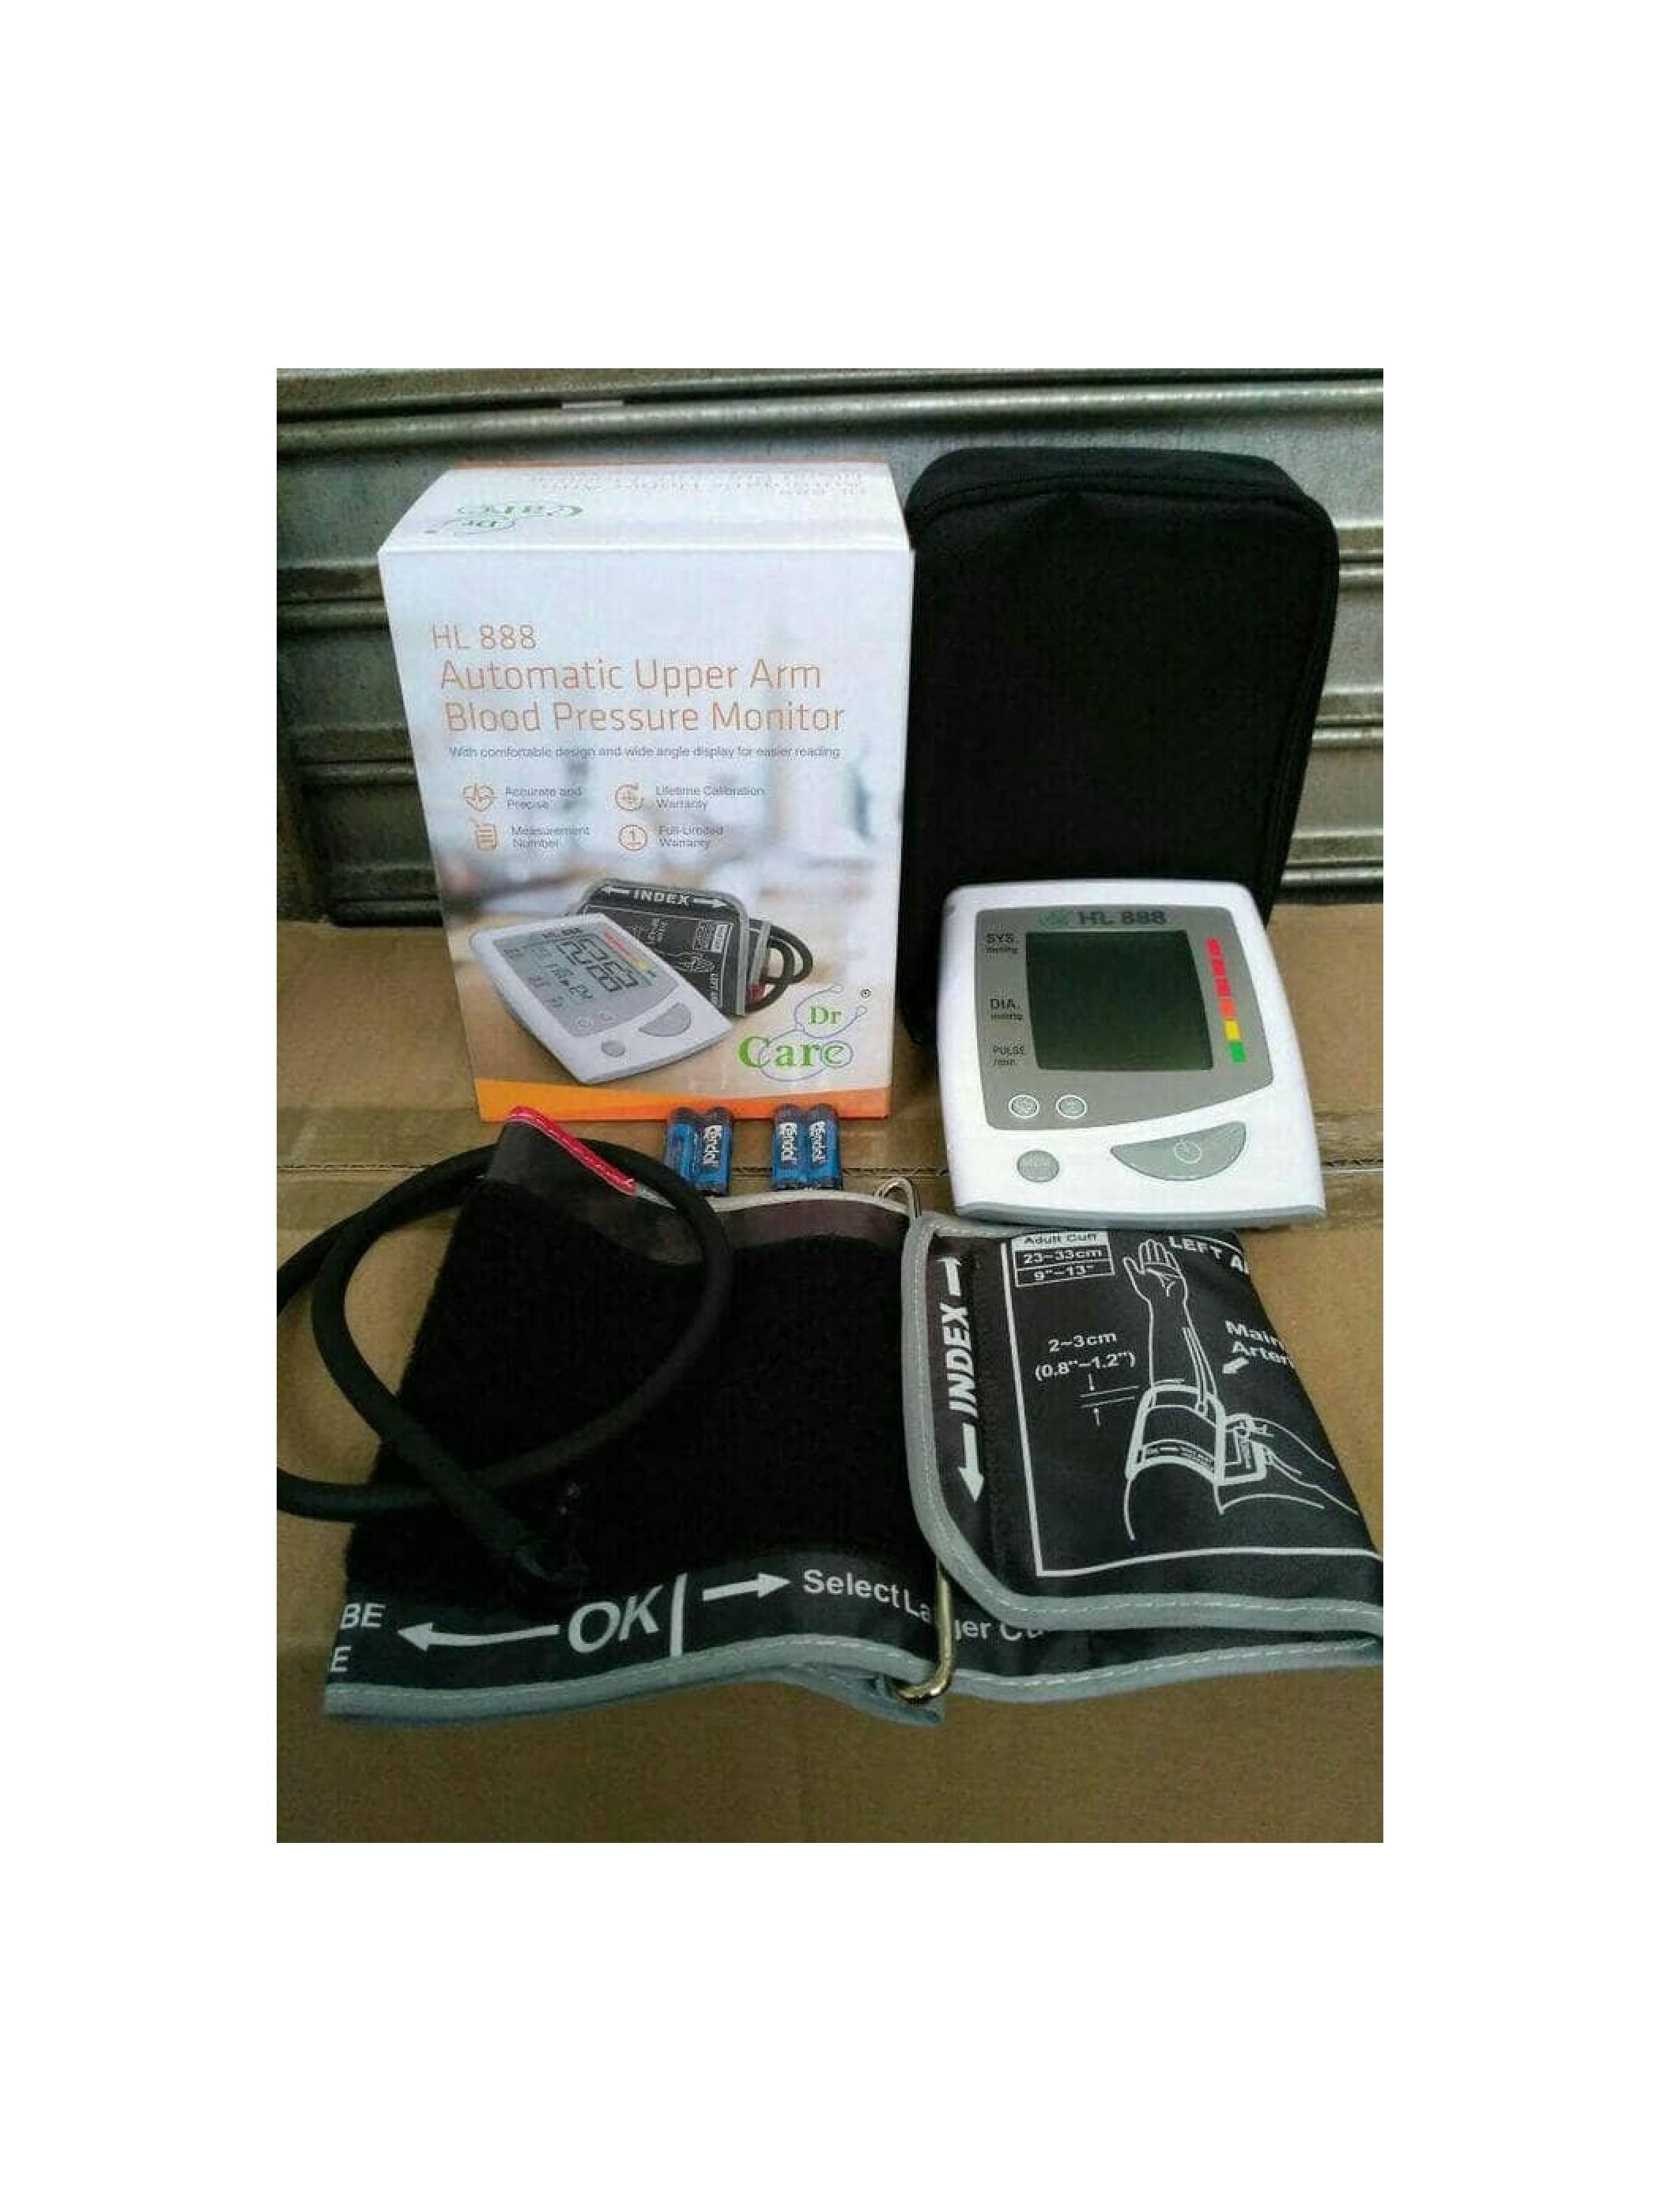 Tensimeter Digital Alat Pengukur Dan Monitor Tekanan Darah Portabel J 003 Lengan Blood Pressure Sphygmomanometer Tensi Akuratalat Darahbukan Omron